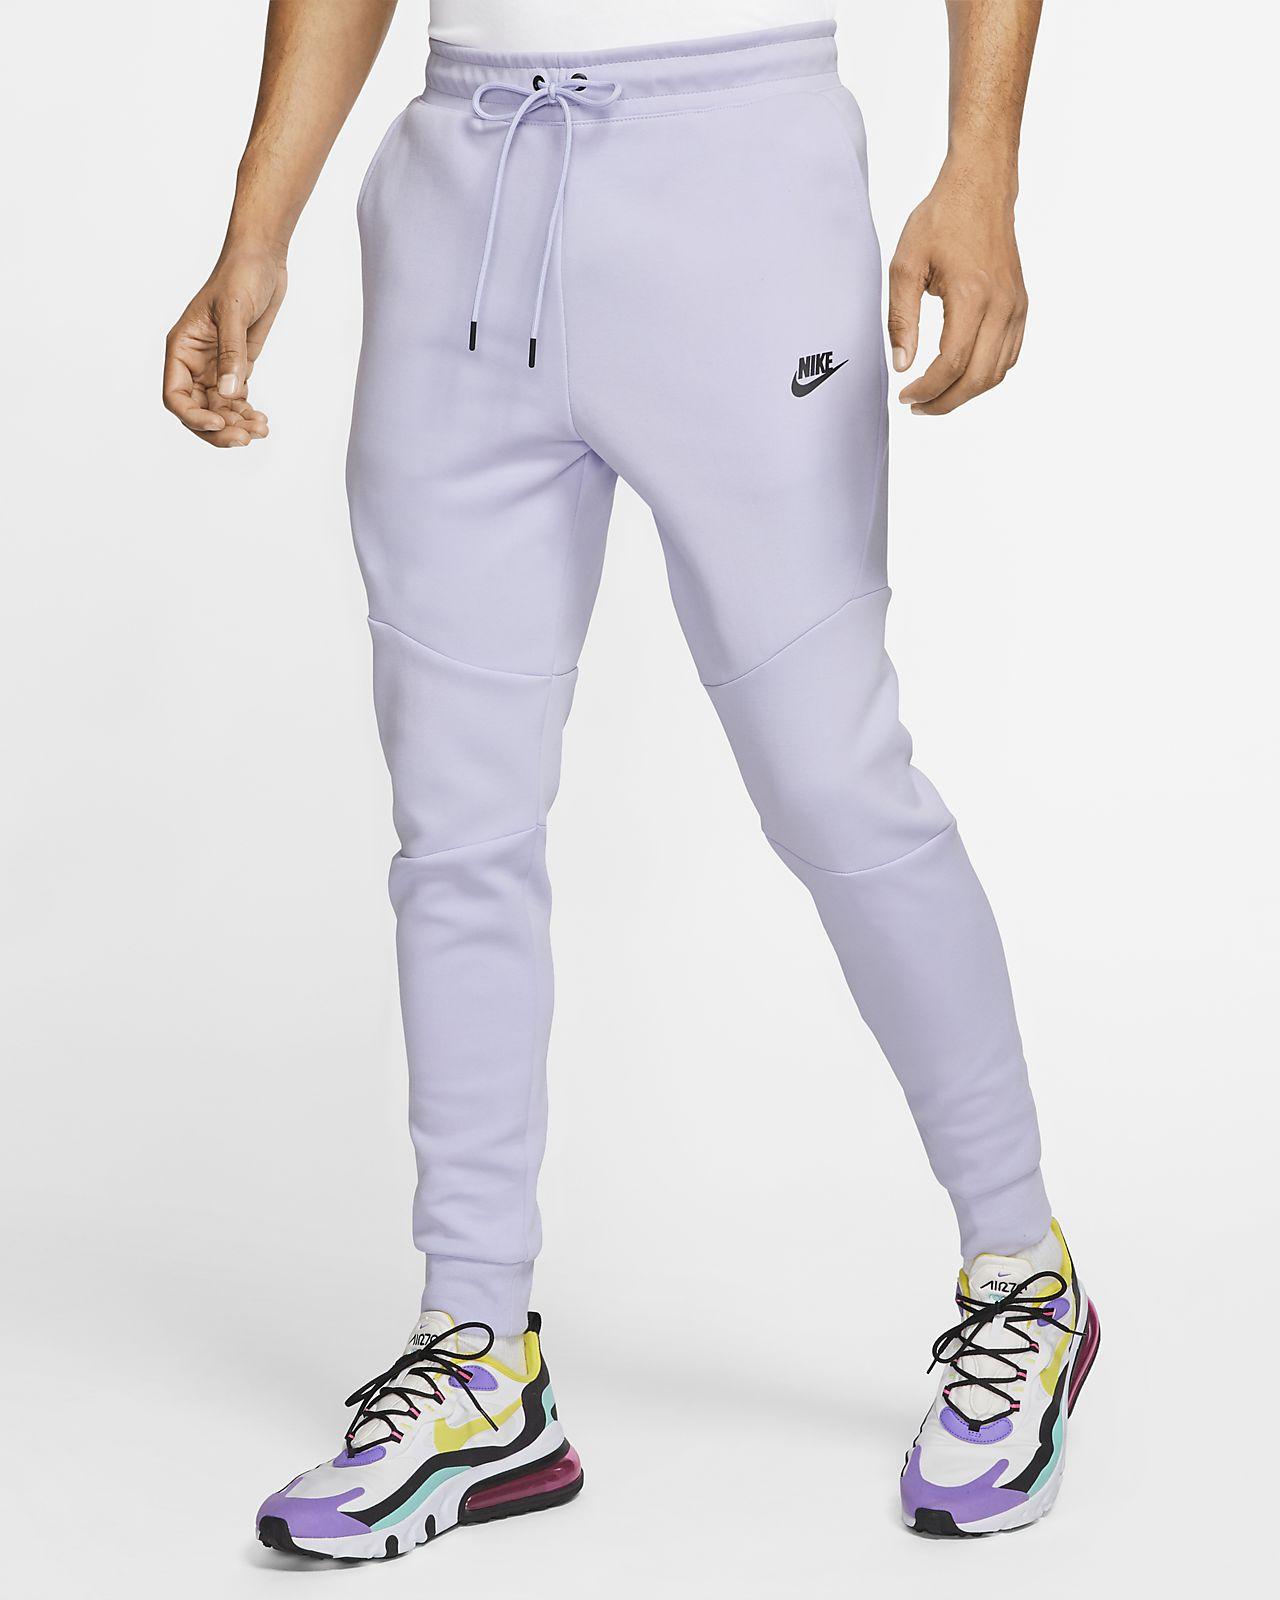 Nike Sportswear Moderne Outfits Damen Leggings Hosen